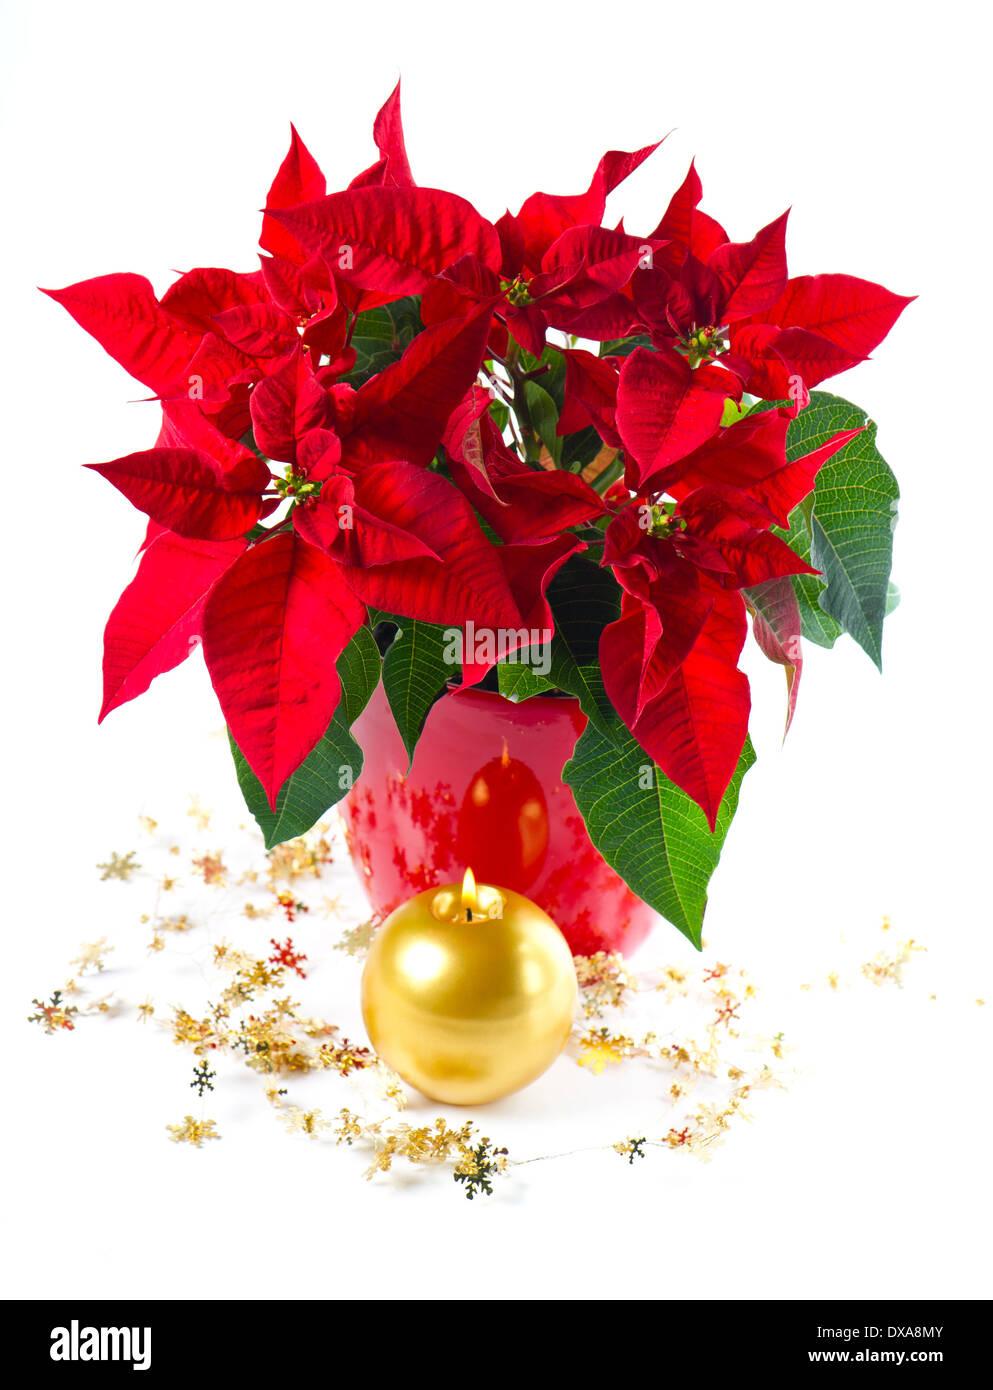 Poinsettia Christmas Stock Photos Poinsettia Christmas Stock